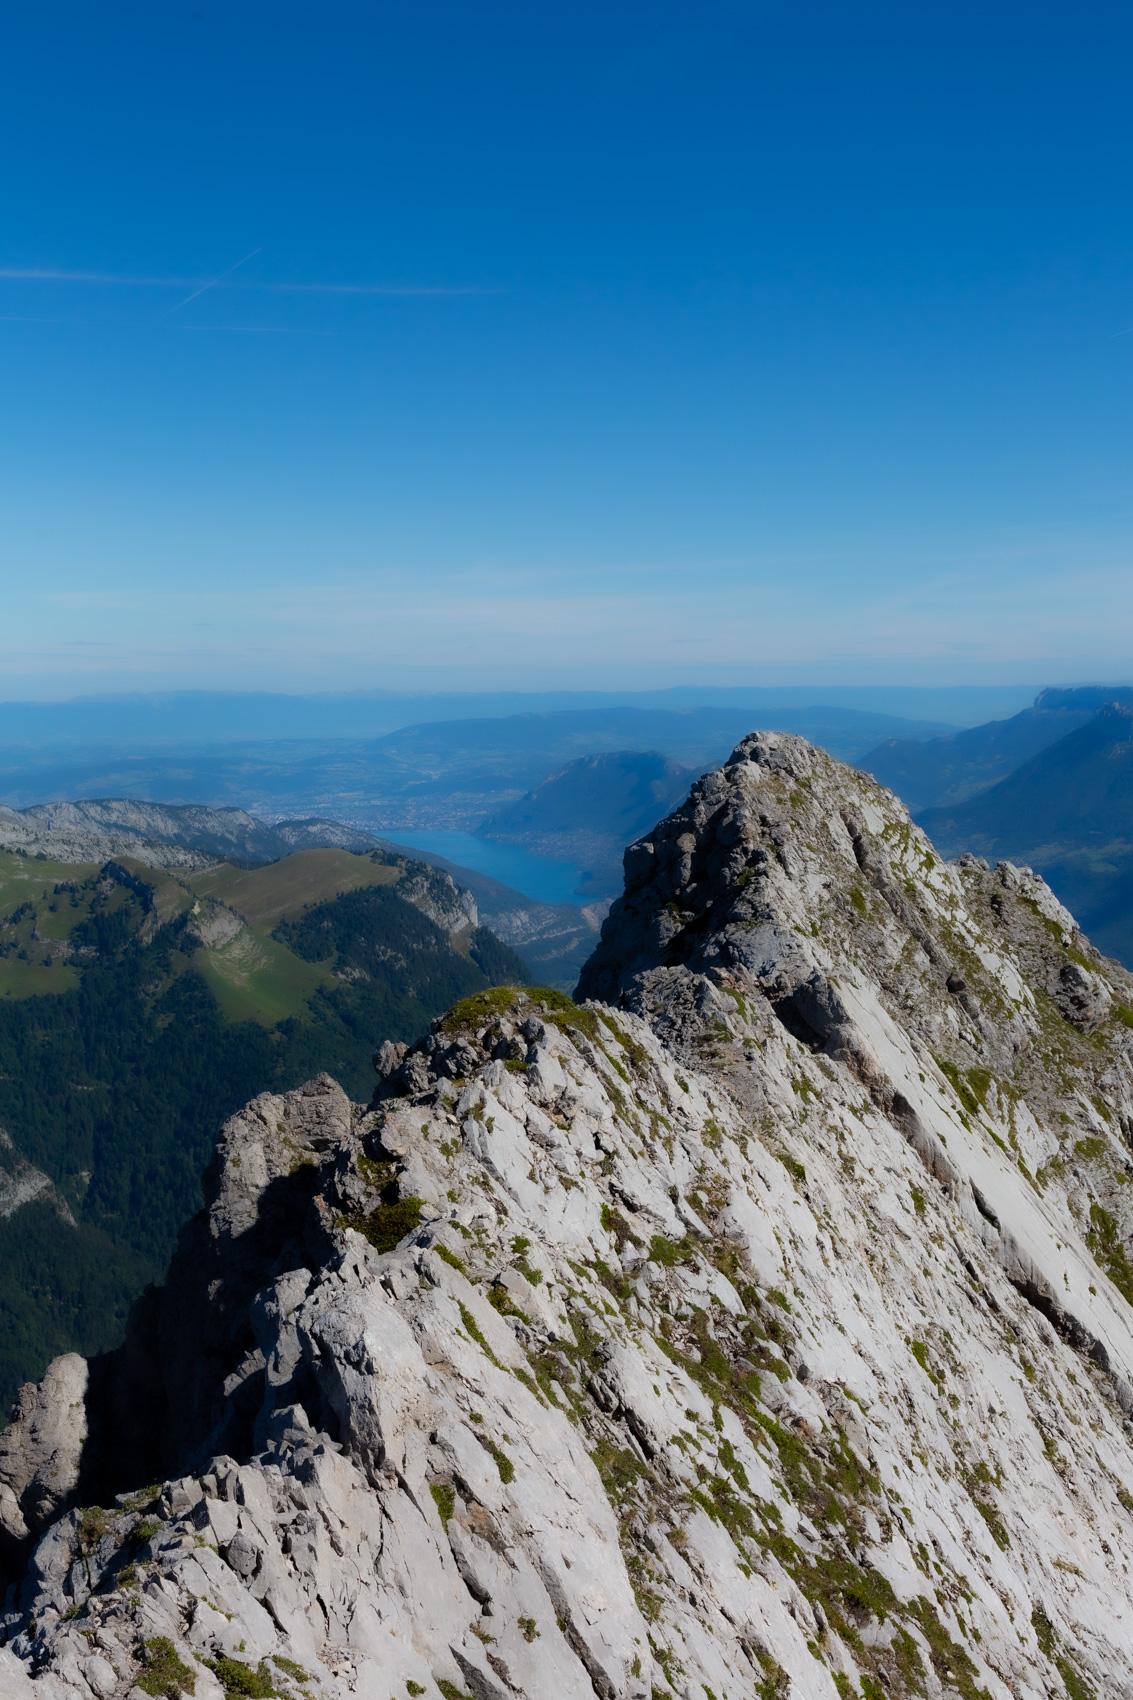 Le lac d'Annecy depuis l'Arcalod